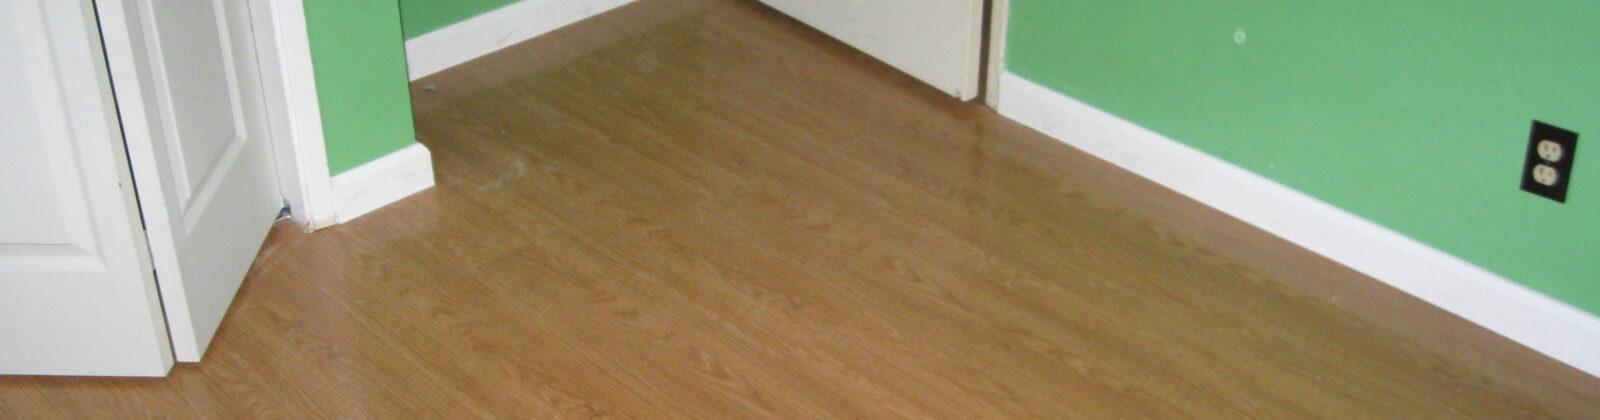 Laminate Flooring Installs Laminate Repairs Floor Replacements Amazing Laminate Floor Bedroom Remodelling